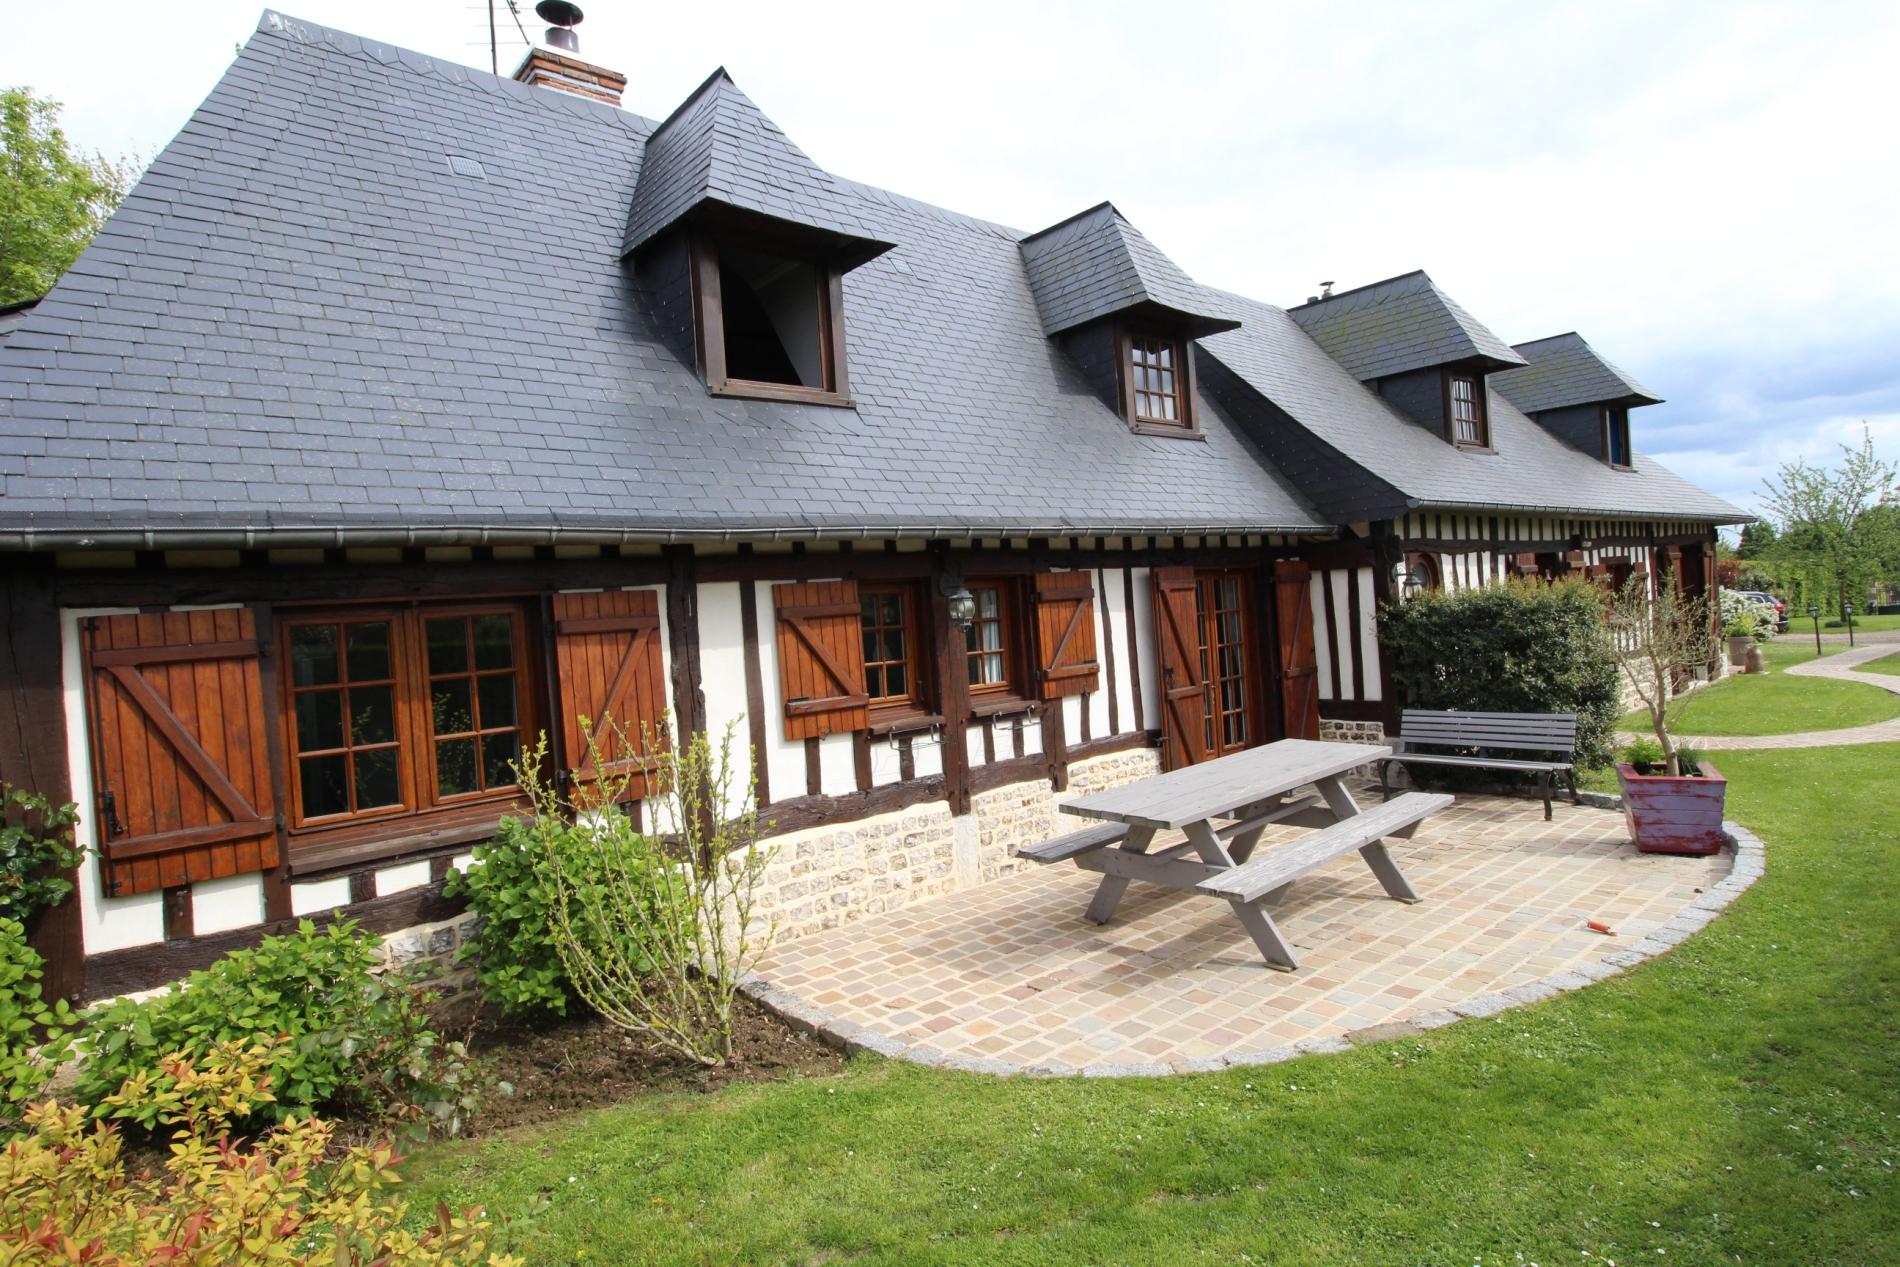 Acheter vente maison normande en tr s bon tat axe for Vente immobiliere maison